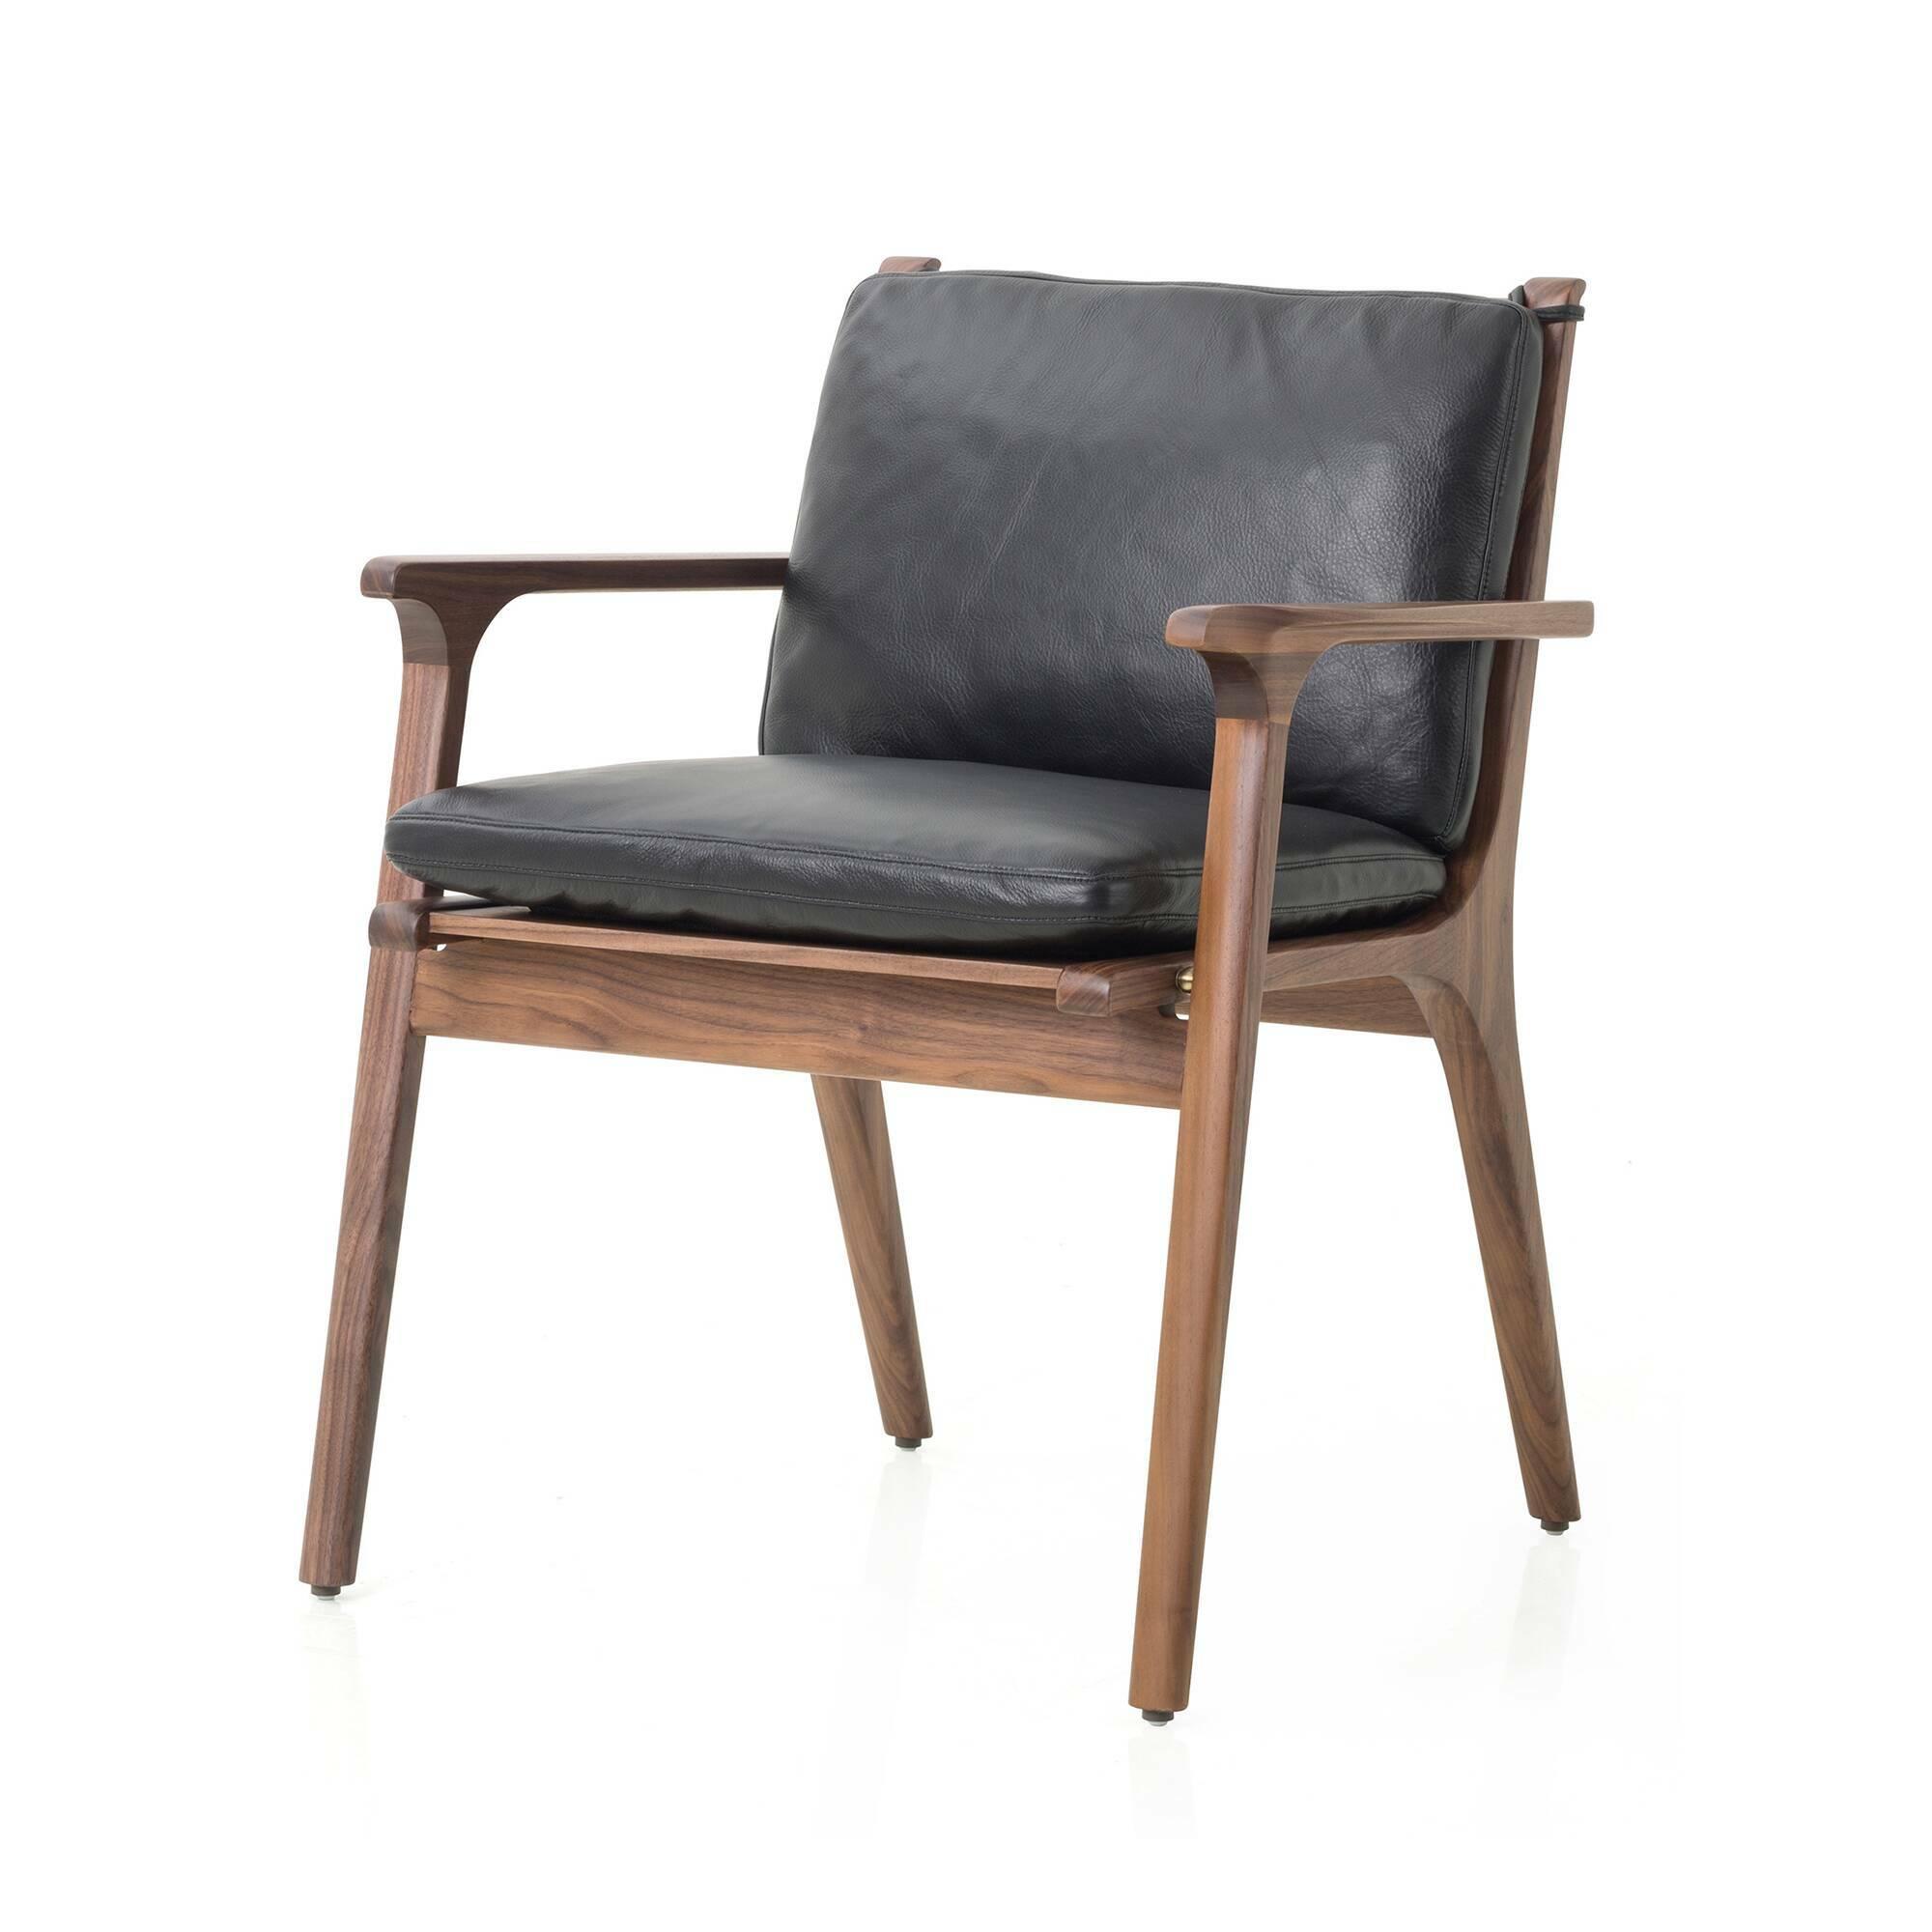 Кресло Ren с кожаной обивкой обеденноеИнтерьерные<br>Чтобы сделать домашнюю кухню более интересной и красивой, не обязательно загромождать ее декором. Отличным украшением для нее могут стать правильно подобранные обеденные стулья. Хотя эта модель сильно отличается от обычных стульев; в первую очередь тем, что она больше напоминает удобное кресло. Кресло Ren с кожаной обивкой обеденное – это отличный вариант для создания комфортной и красивой обеденной зоны.<br><br><br> Дизайнеры выбрали для этой модели одни из наиболее ценных материалов. Орех сч...<br><br>stock: 0<br>Высота: 78<br>Высота сиденья: 46.5<br>Ширина: 62.4<br>Глубина: 59.8<br>Материал каркаса: Массив ореха<br>Тип материала каркаса: Дерево<br>Тип материала обивки: Кожа<br>Цвет обивки: Черный<br>Цвет каркаса: Орех